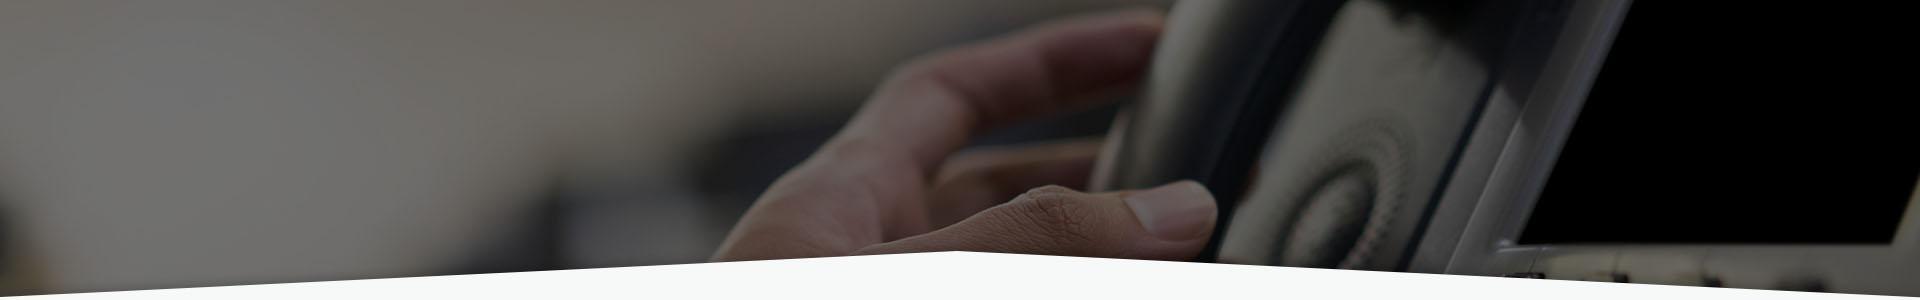 Dłoń i telefon stacjonarny